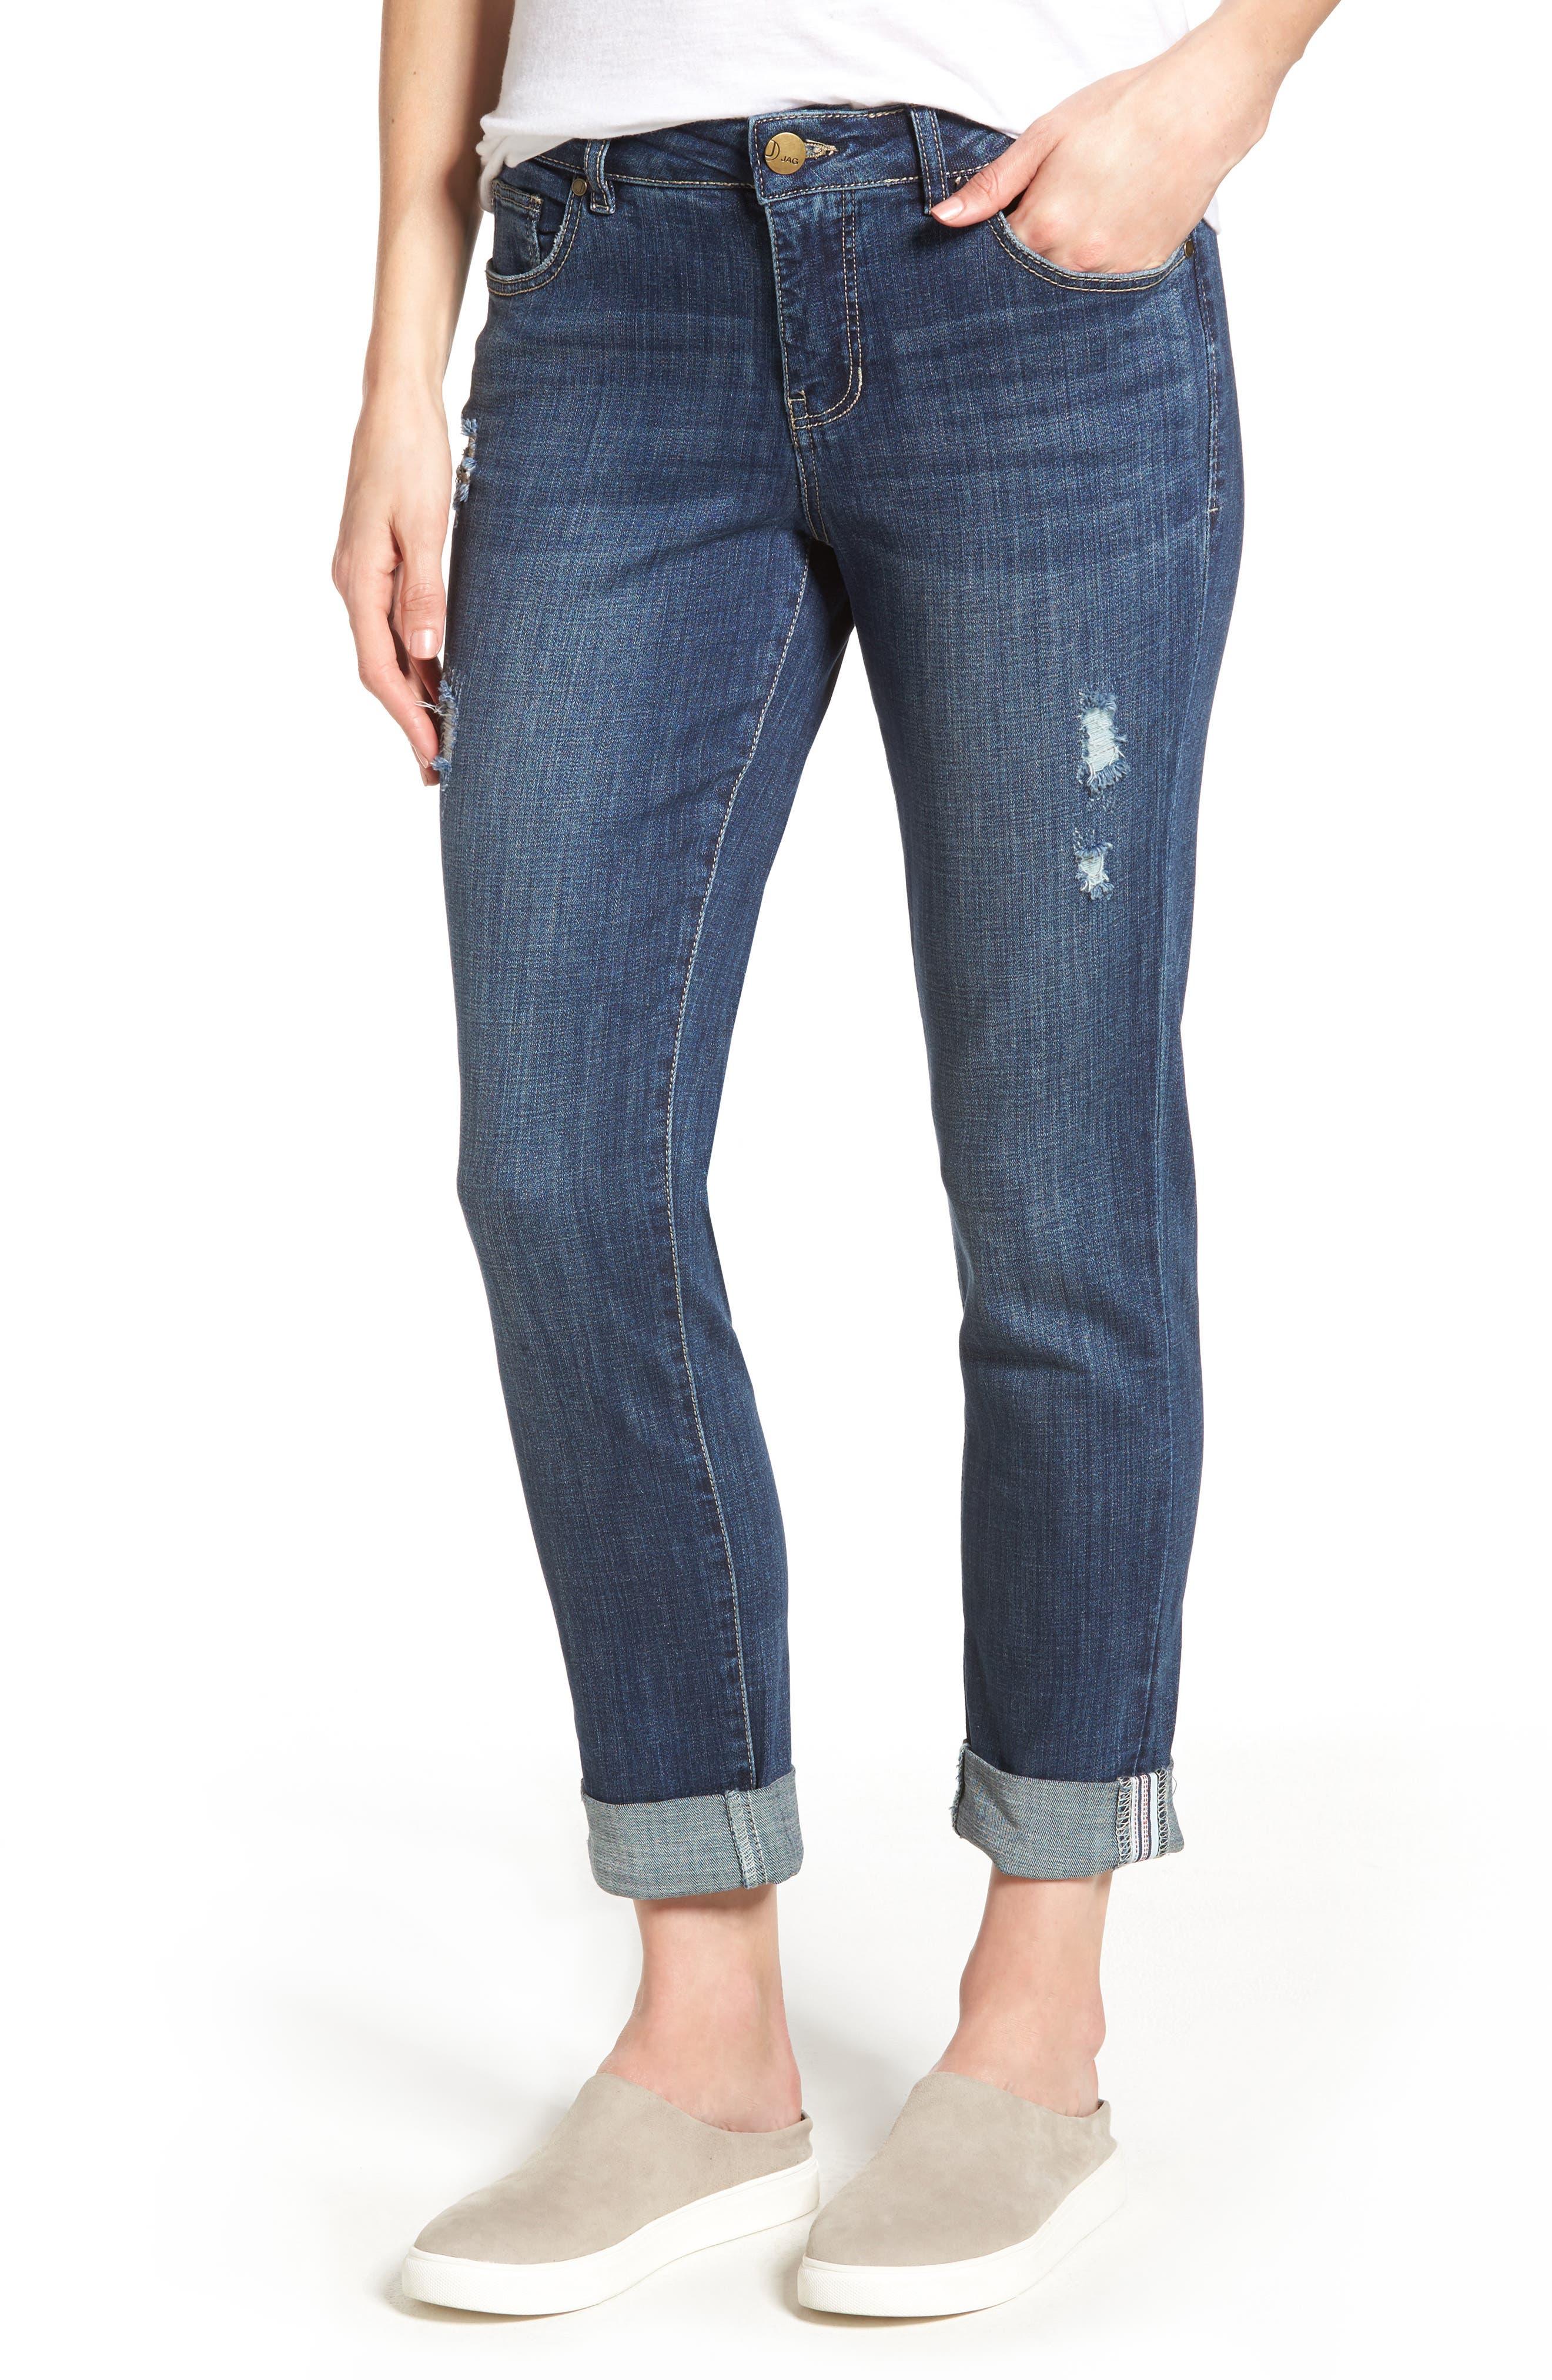 Carter Cuffed Stretch Girlfriend Jeans,                         Main,                         color, MEDIUM INDIGO